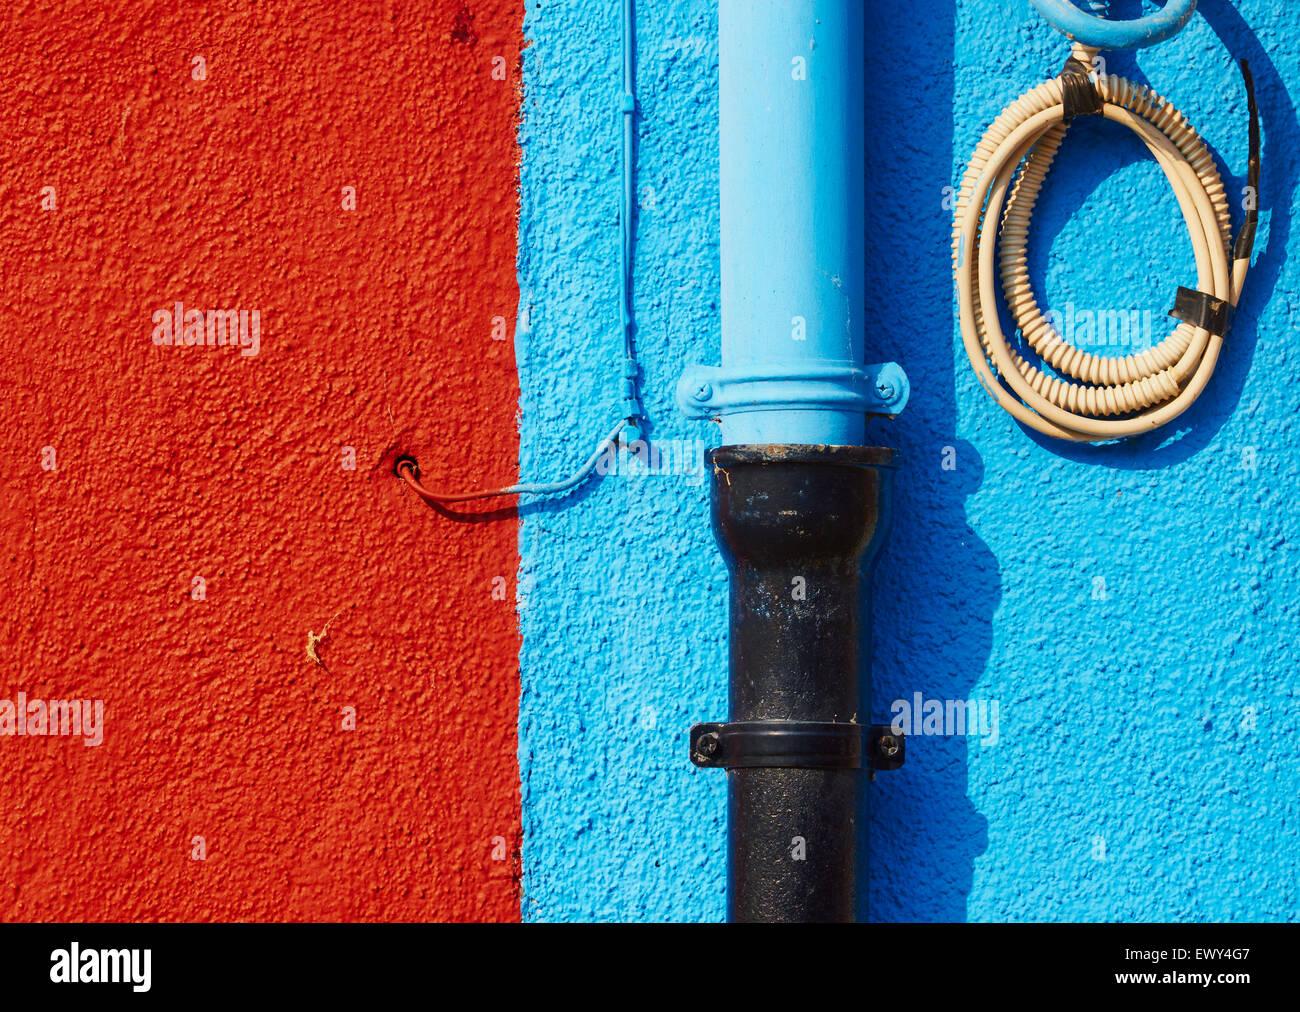 Tubi e fili su blu e ruggine parete colorata Burano Laguna di Venezia Veneto Italia Europa Foto Stock